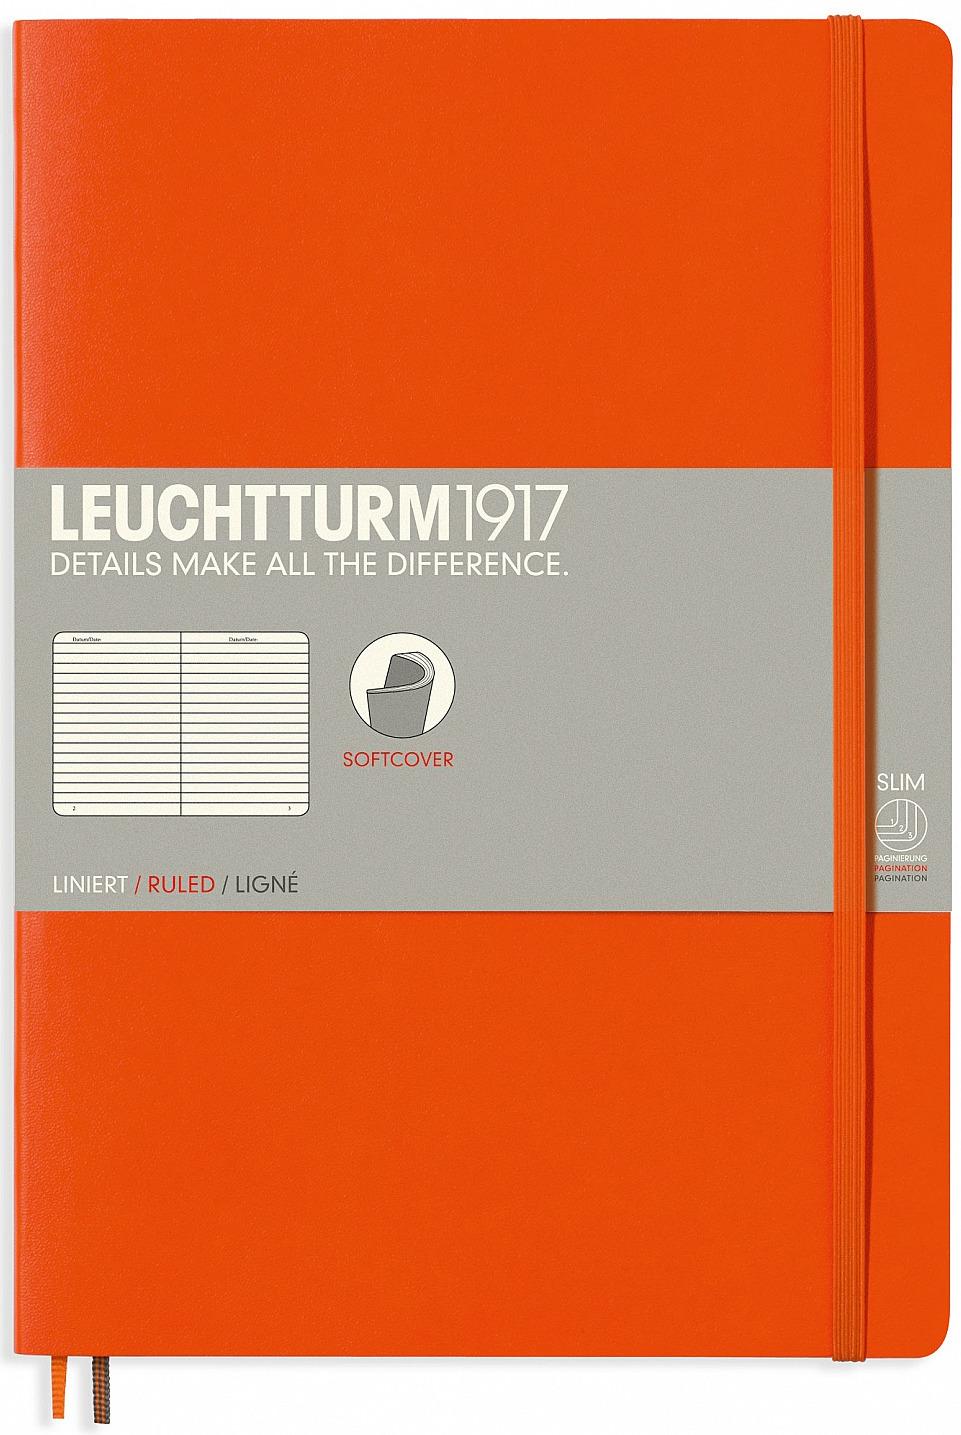 Записная книжка Leuchtturm1917, 349278, оранжевый, B5 (176 x 250 мм), в линейку, 62 листа записная книжка leuchtturm1917 357475 голубой a6 105 x 148 мм в линейку 92 листа